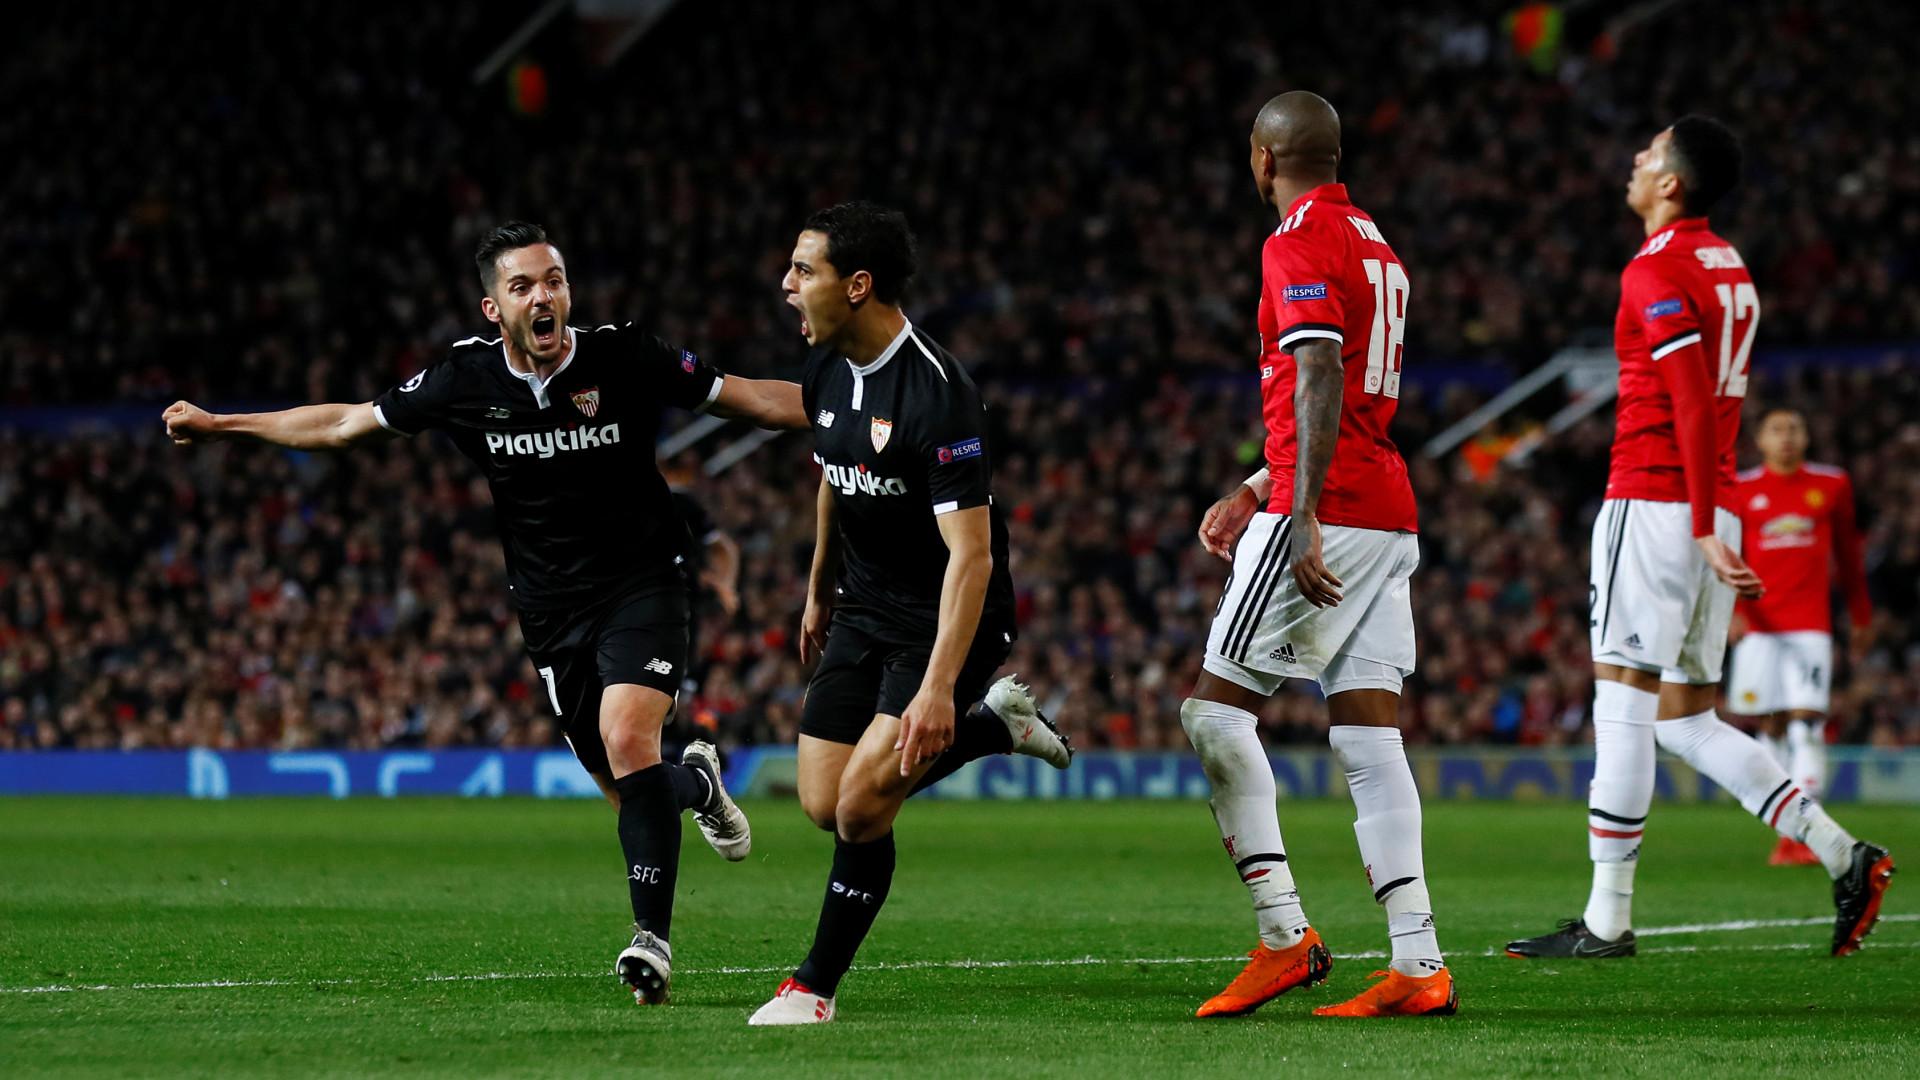 Ben Yedder e companhia eliminam United de Mourinho em Old Trafford